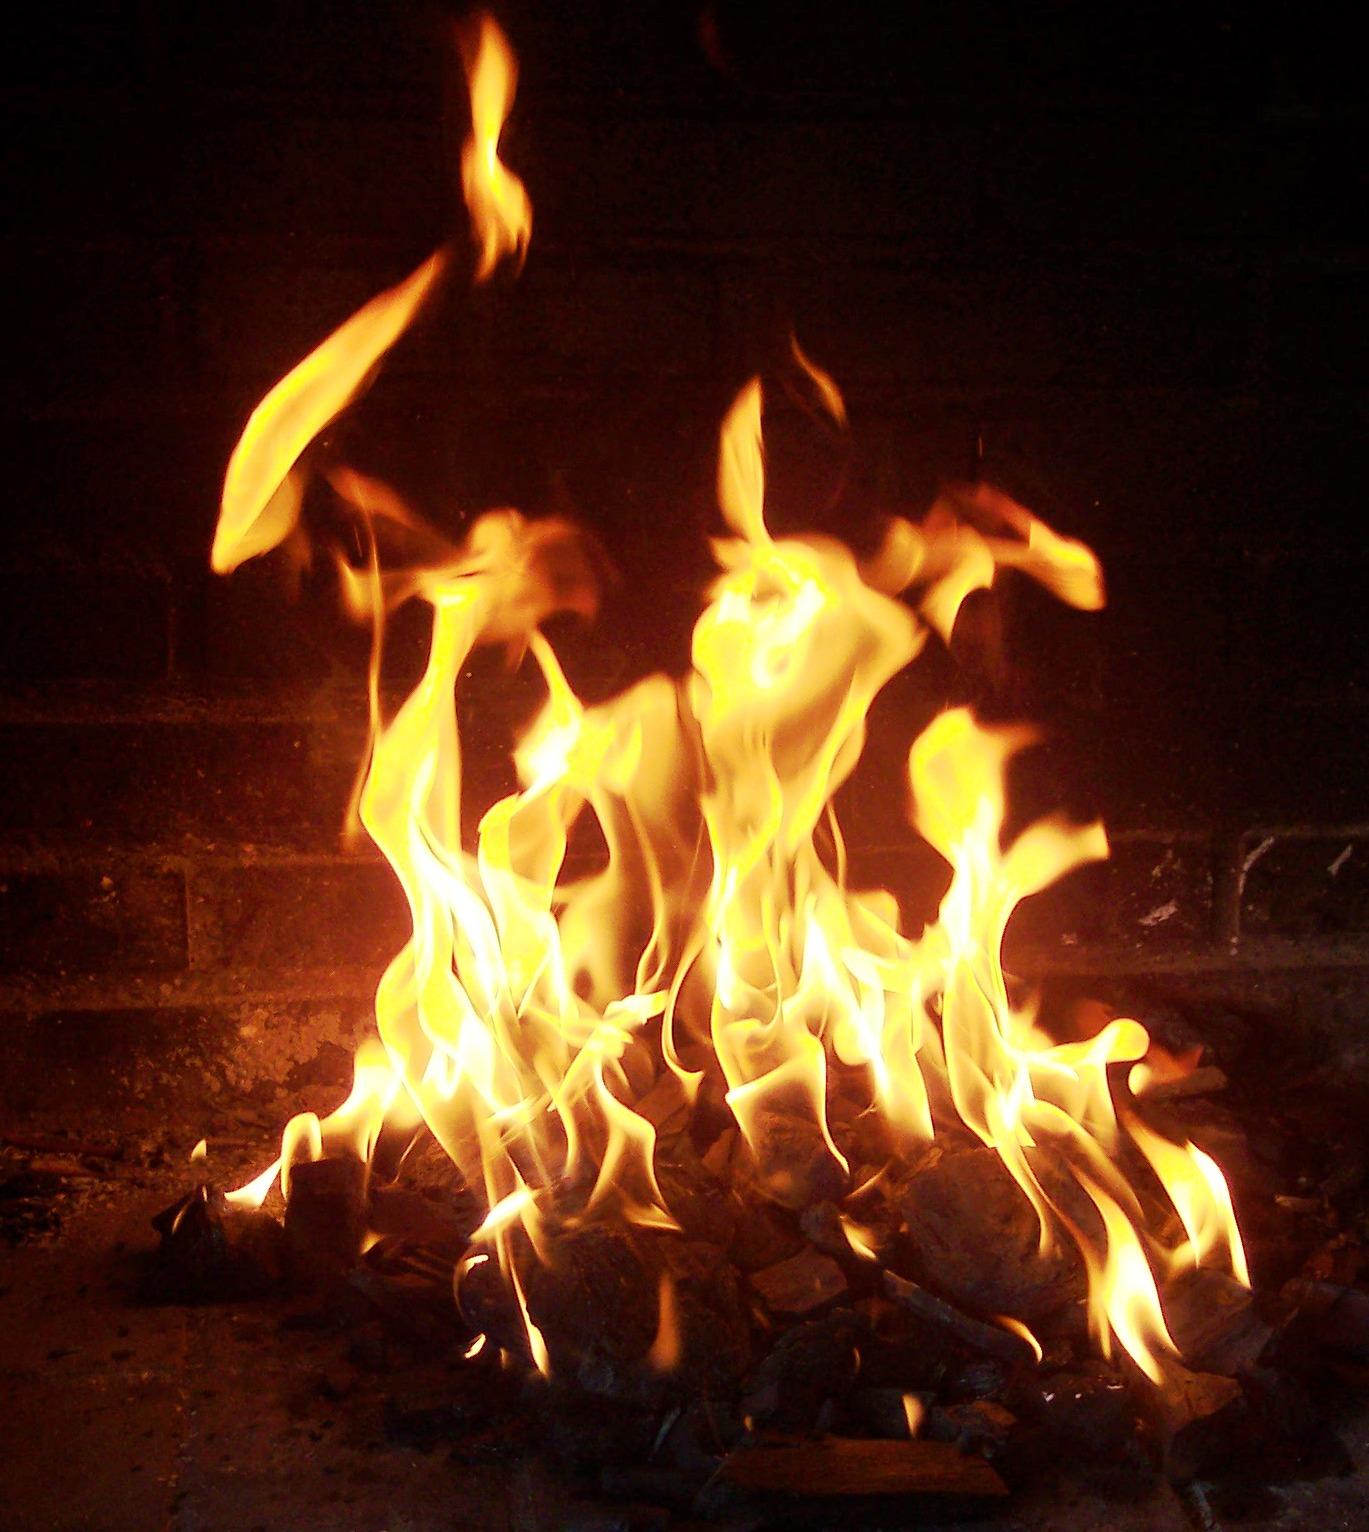 Tulia poltettiin osana kekrin juhlintaa,Pedroserafin on luovutettanut kuvan julkiseen käyttöön